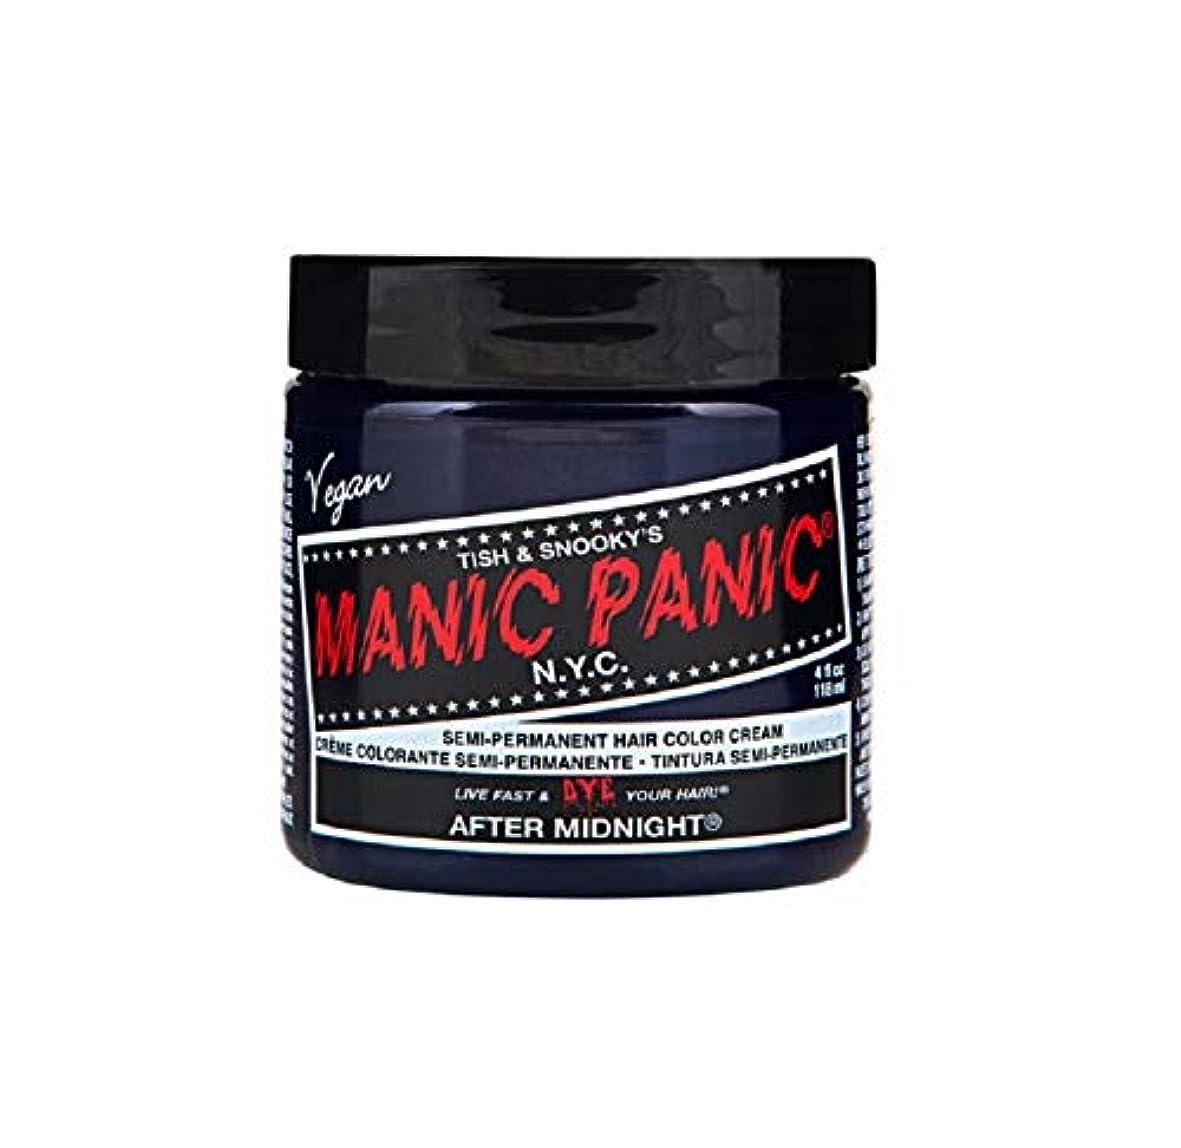 参加者厚さ閉塞マニックパニック MANIC PANIC ヘアカラー 118mlアフターミッドナイト ヘアーカラー